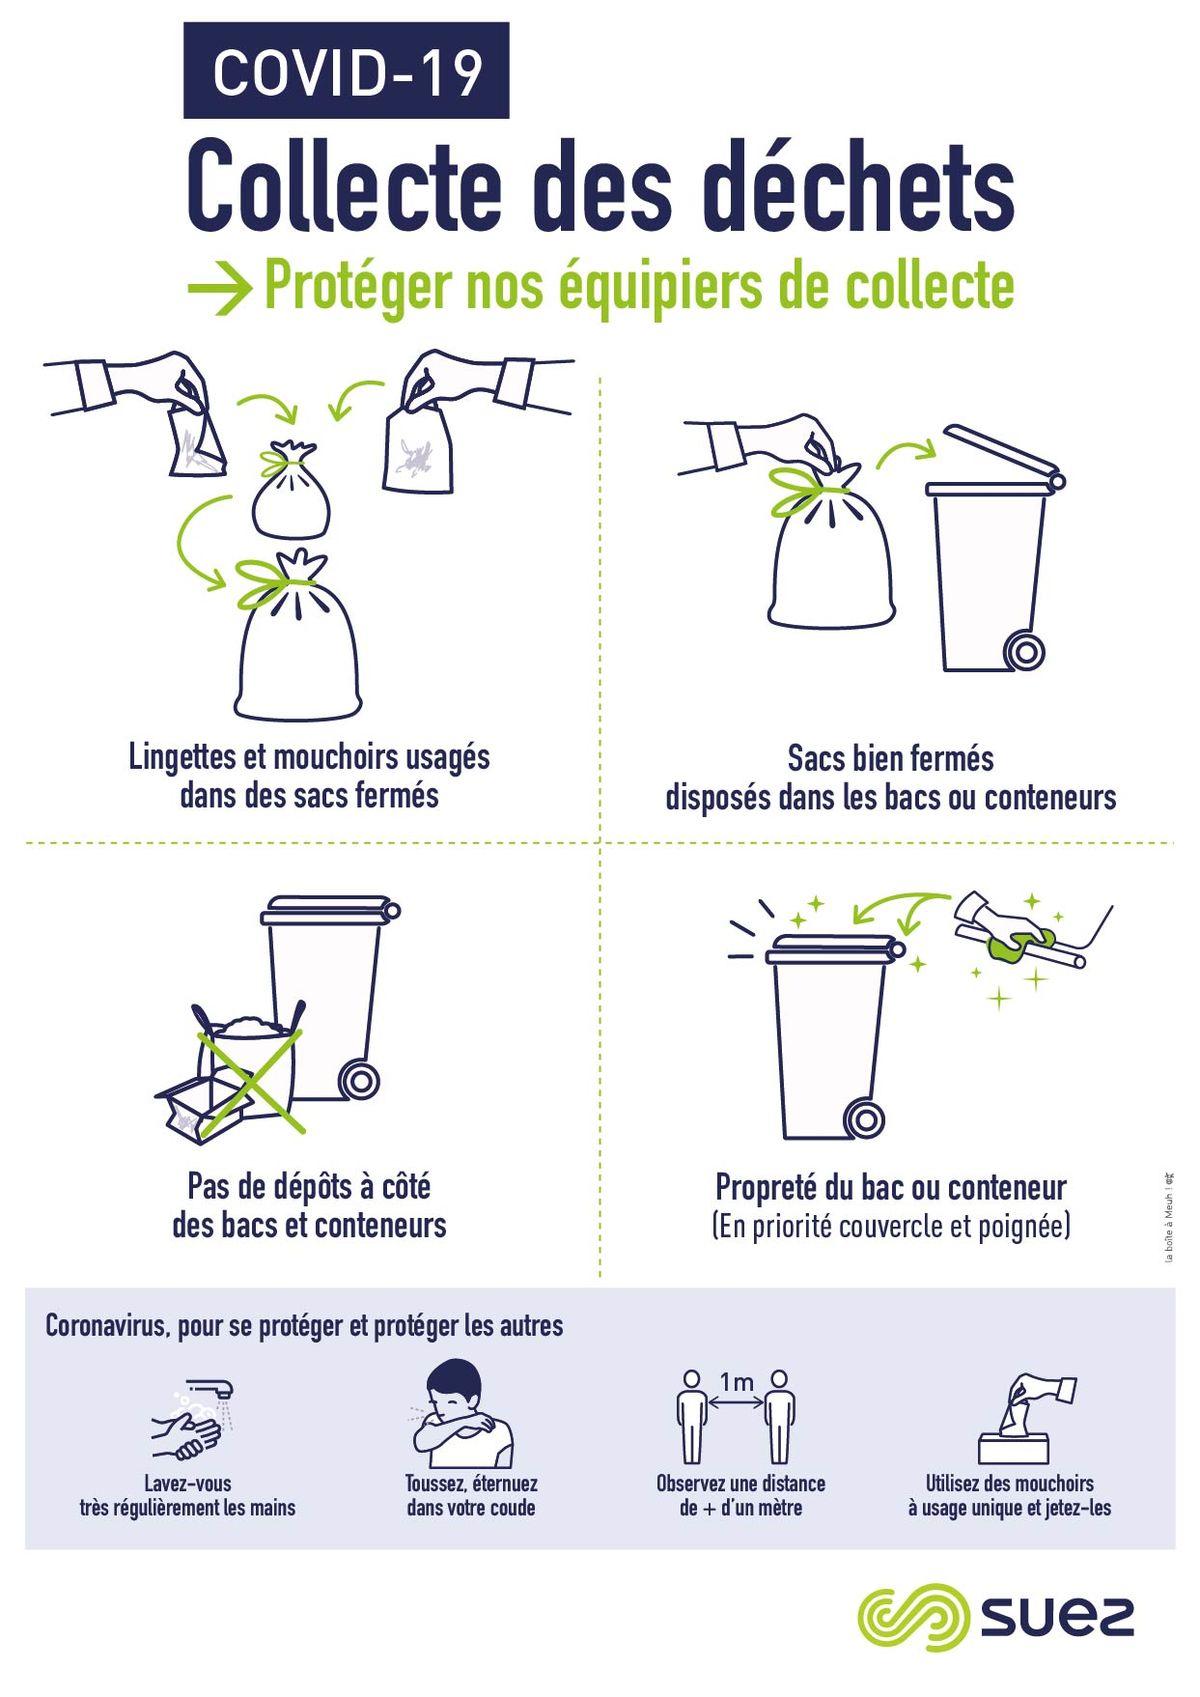 La gestion des déchets pendant la crise sanitaire du coronavirus